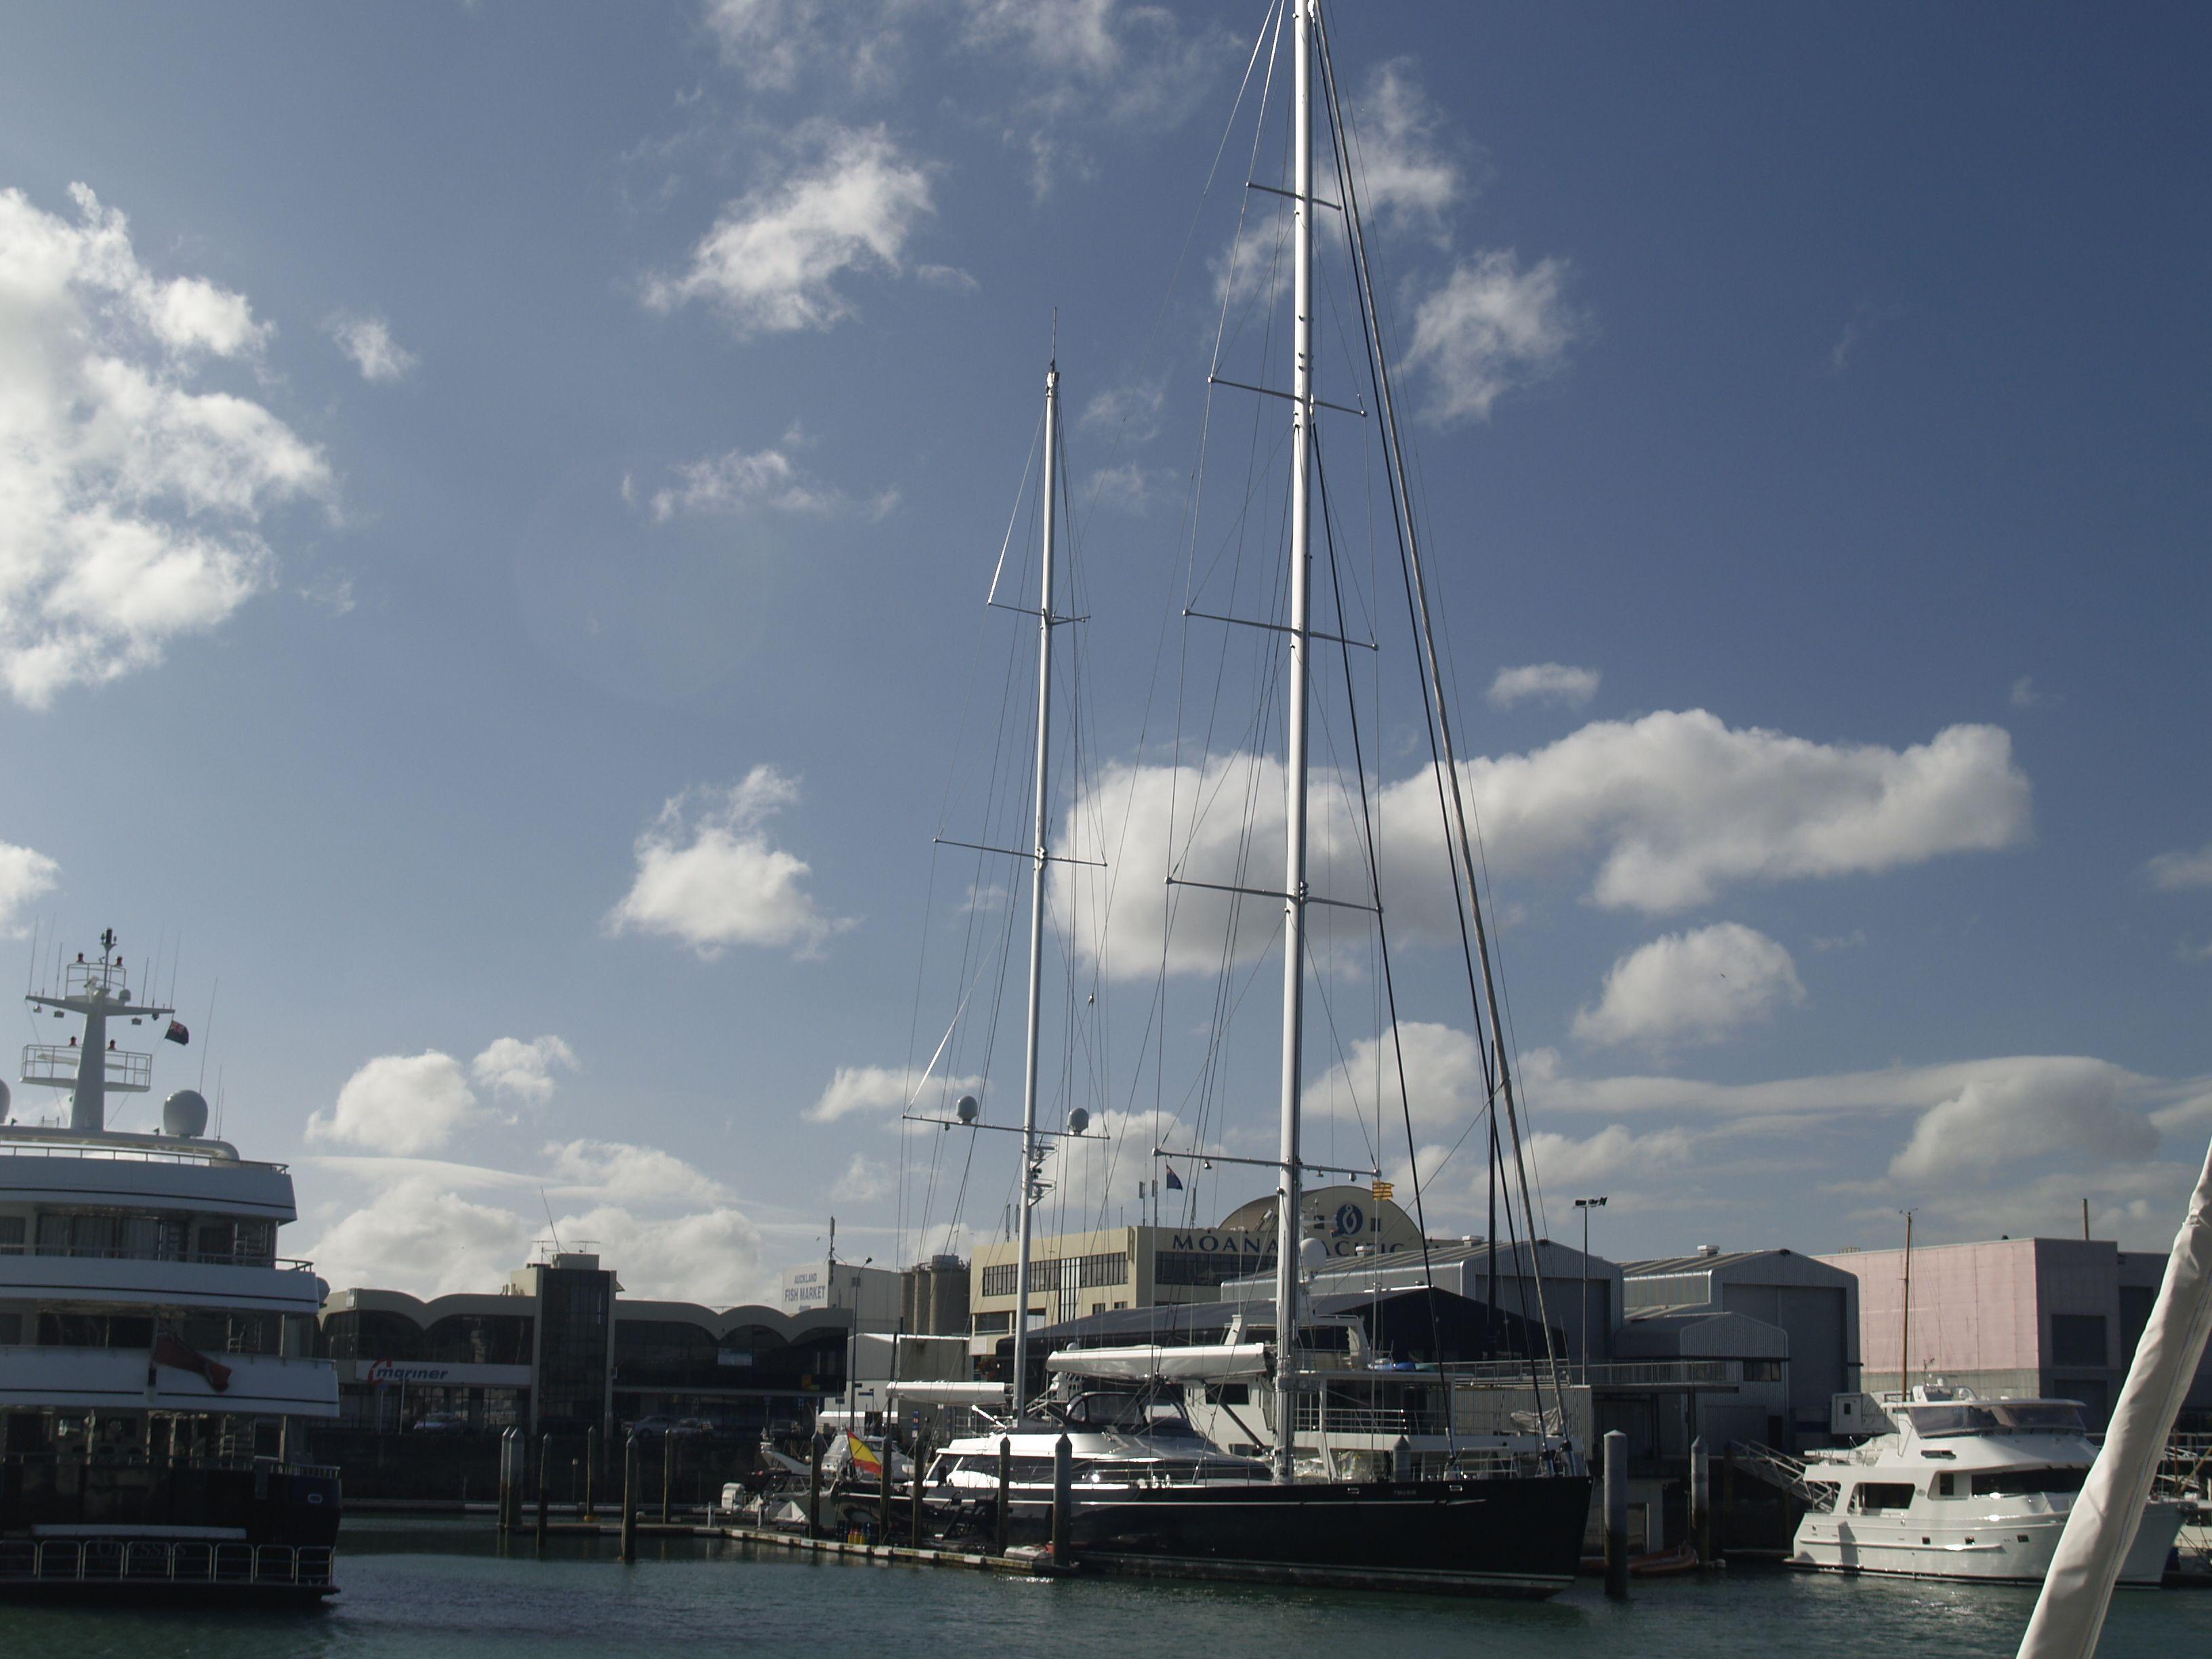 El puerto de auckland